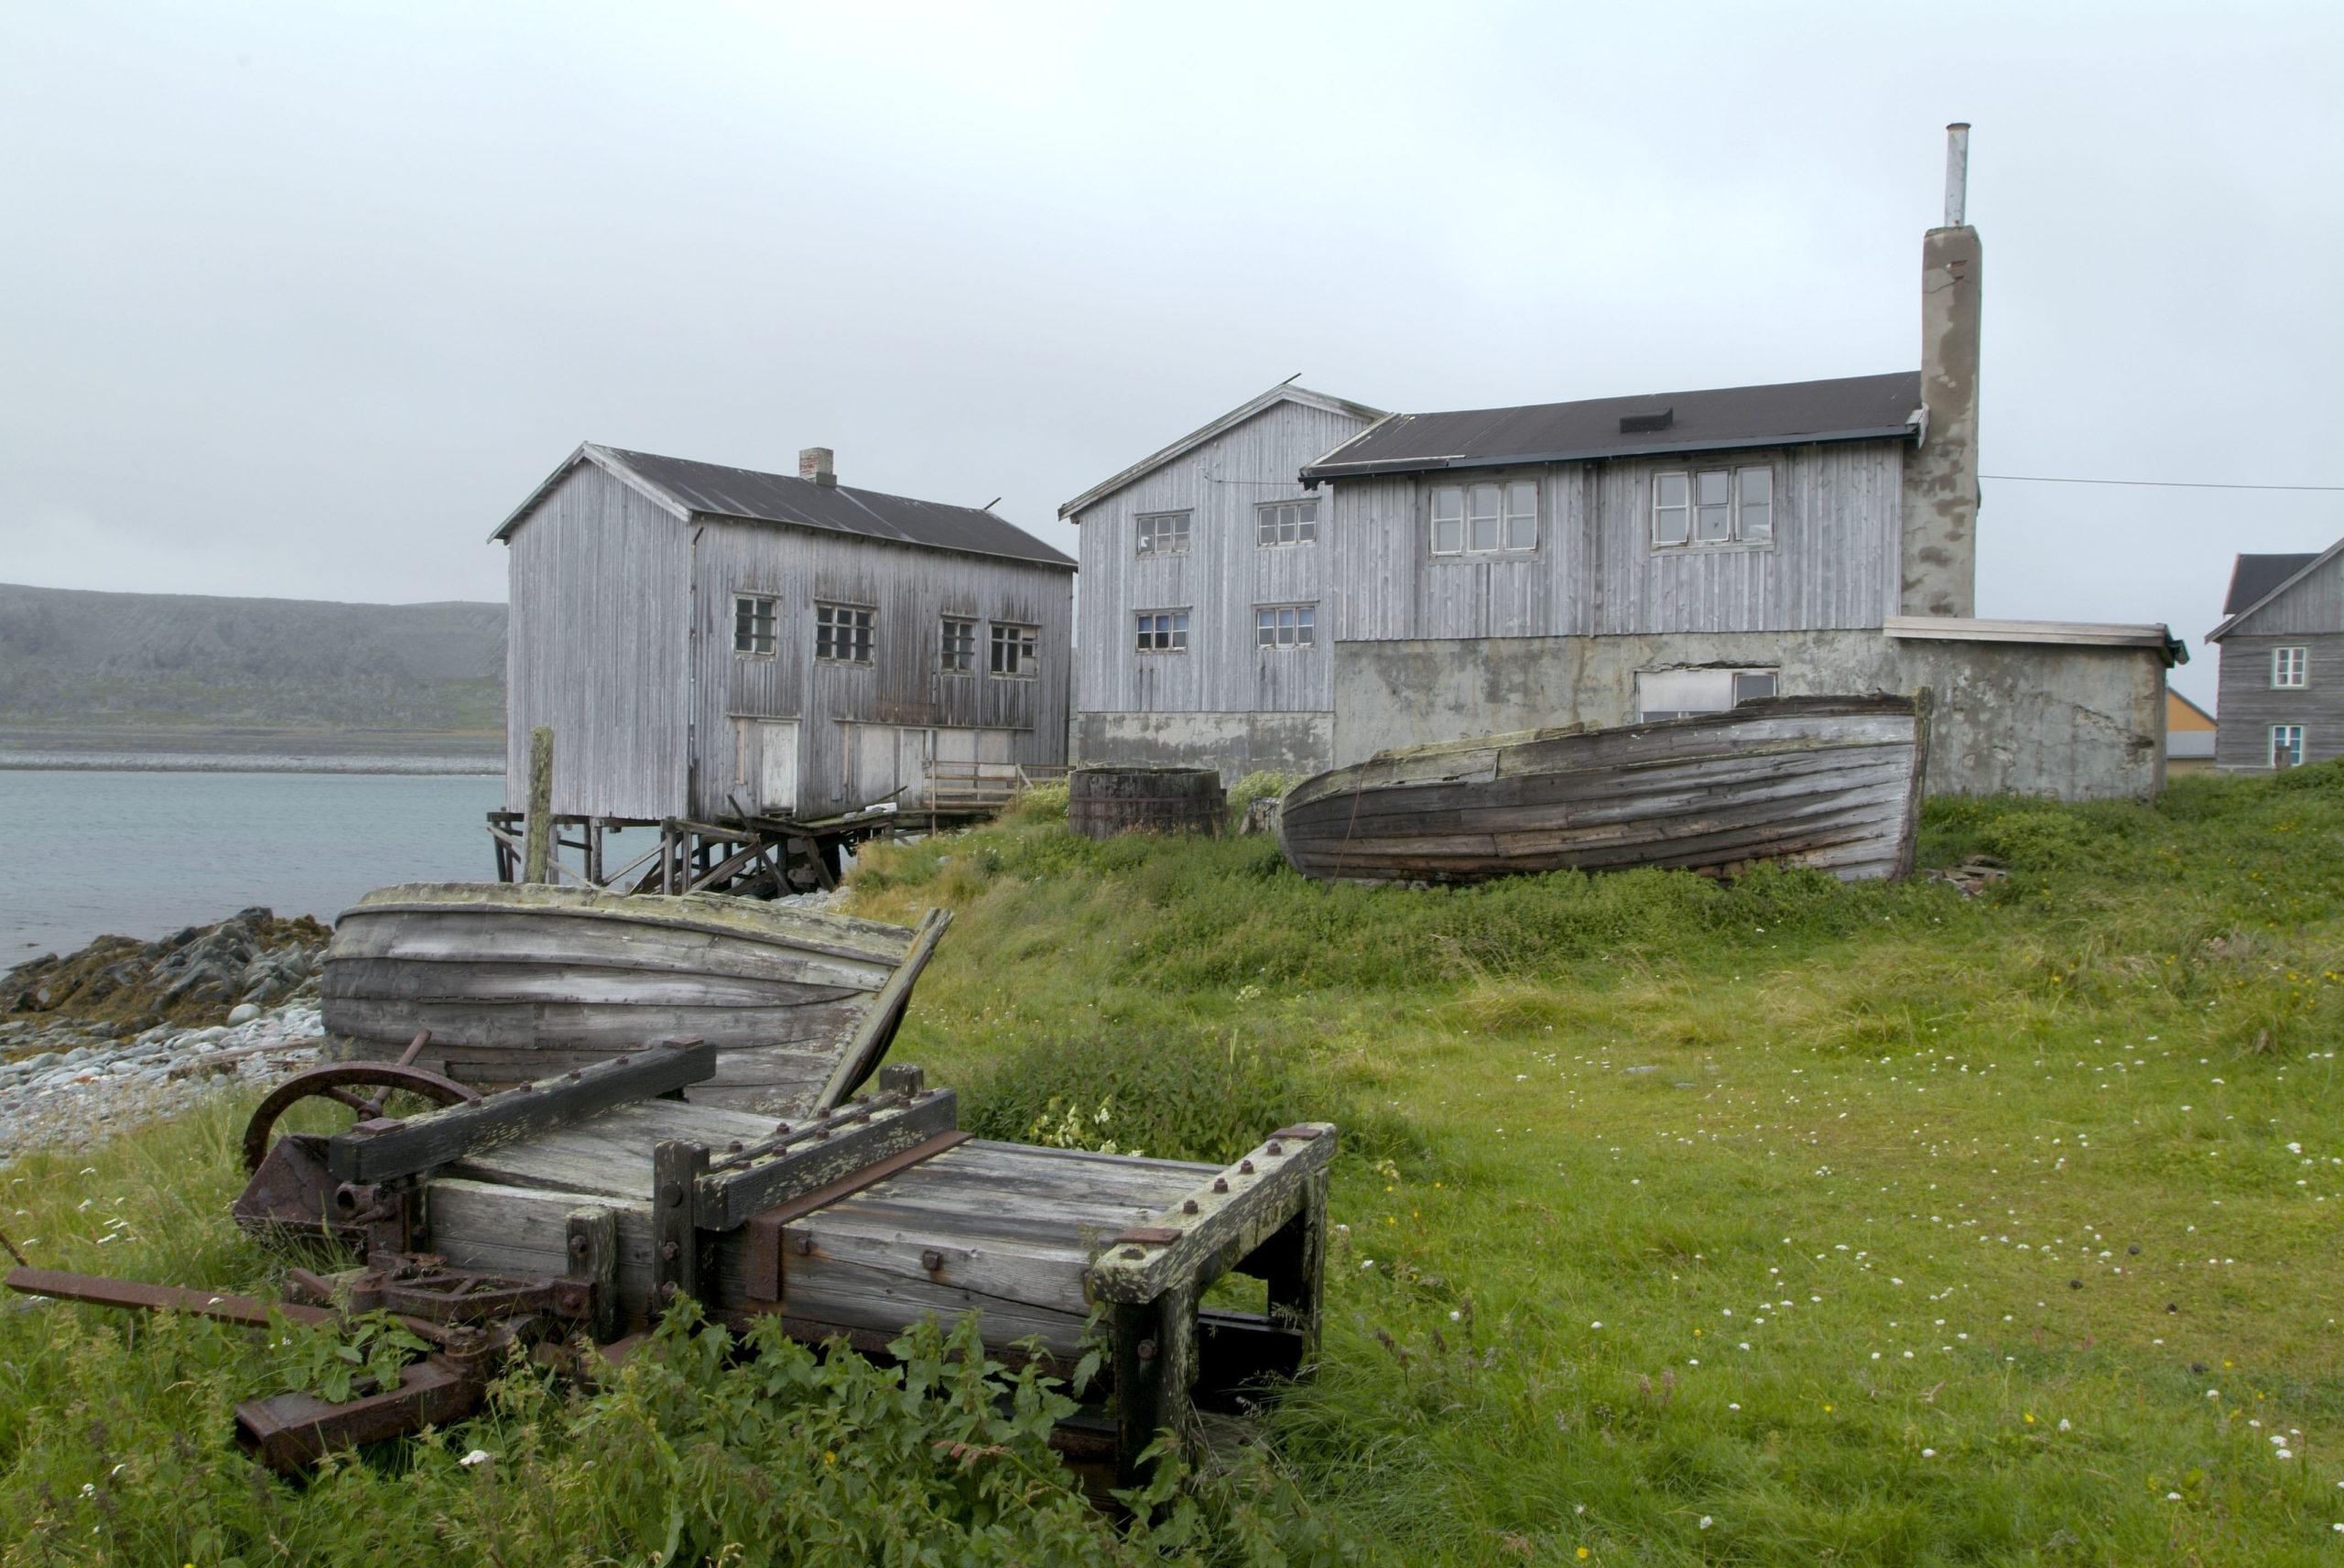 Hamningberg i Finnmark er et fint sted hvor du kan oppleve Finnmark sånn det så ut før krigen og nedbrenningen @ Jørn Tomter